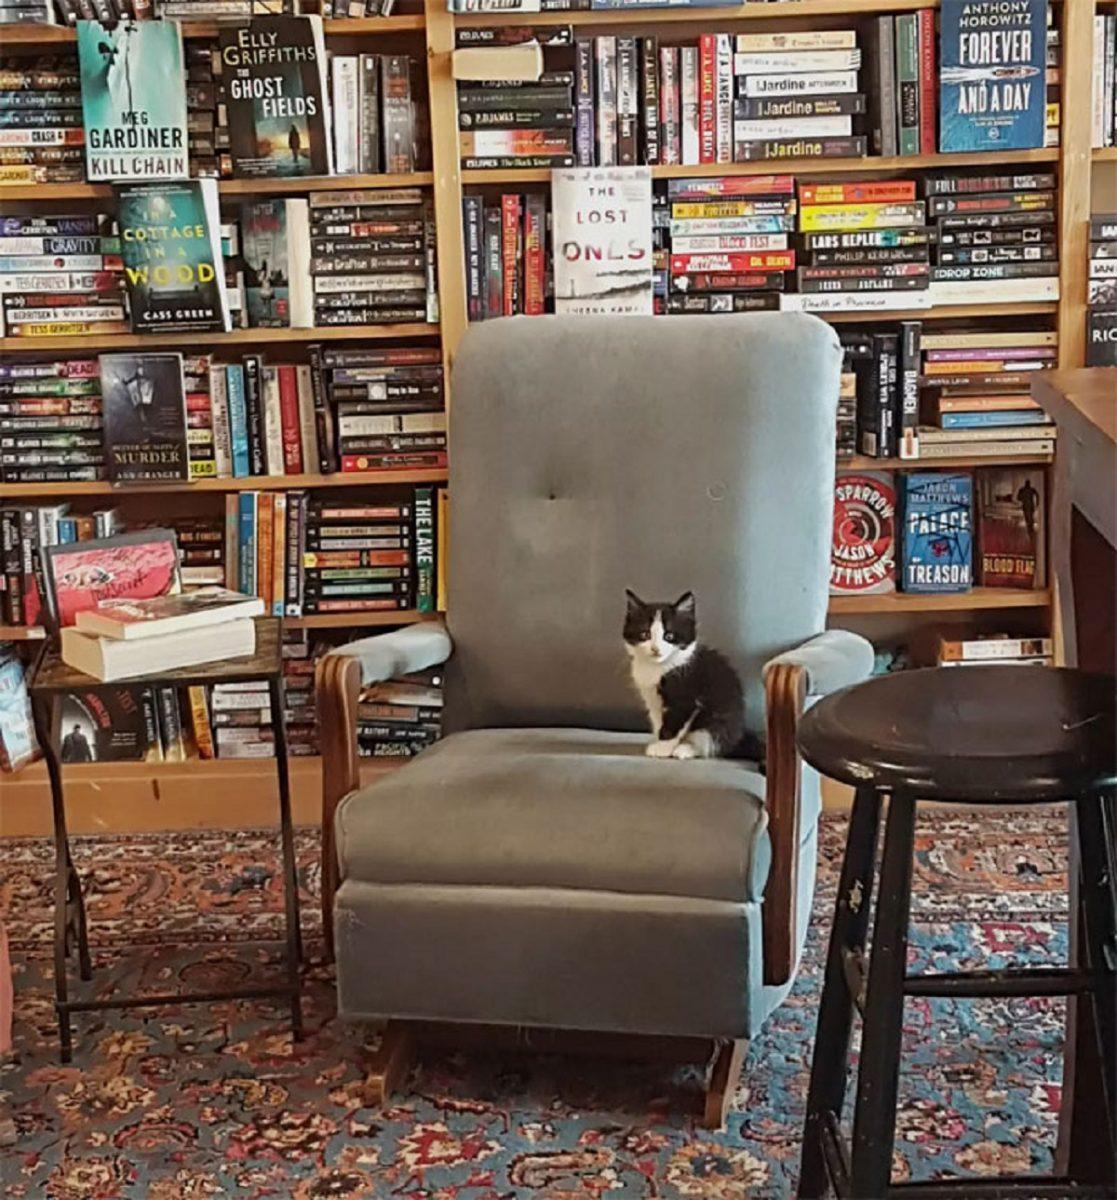 otis clementines books coffee cats 5e3145be1e496  700 1 scaled - Livraria no Canadá conta com gatinhos andando livremente para serem adotados!